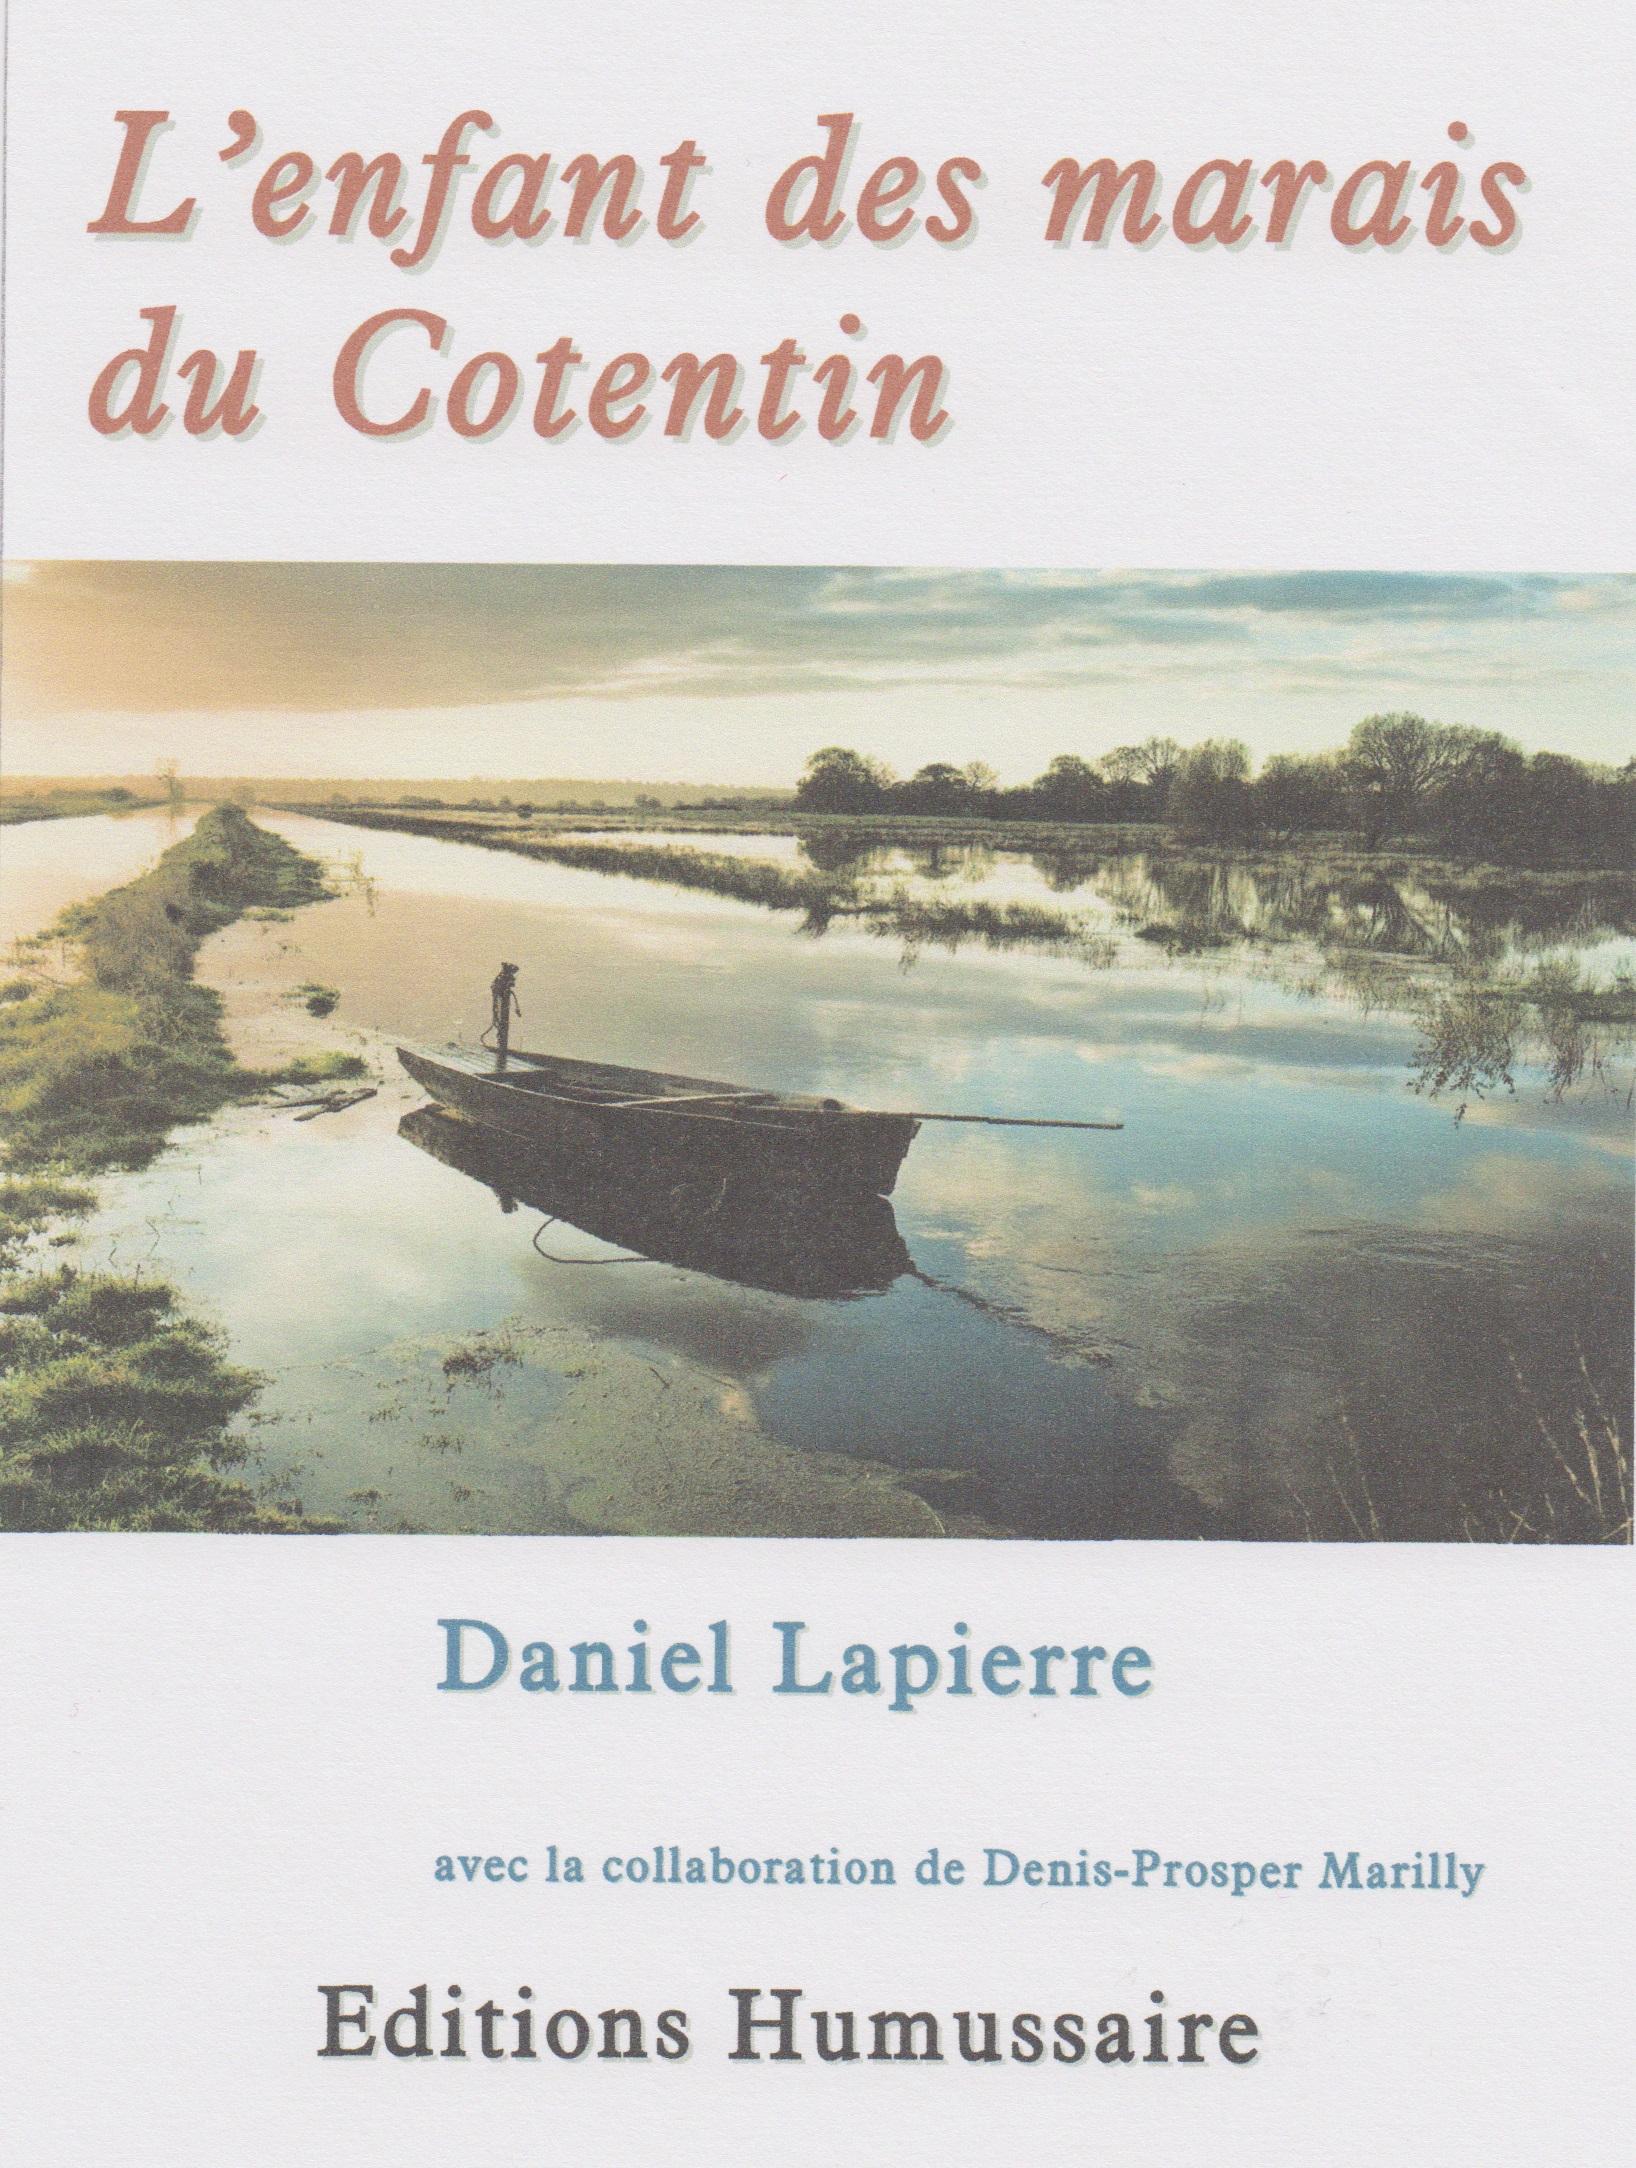 L'enfant des marais du Cotentin - Daniel Lapierre avec la collaboration de Denis-Prosper Marilly